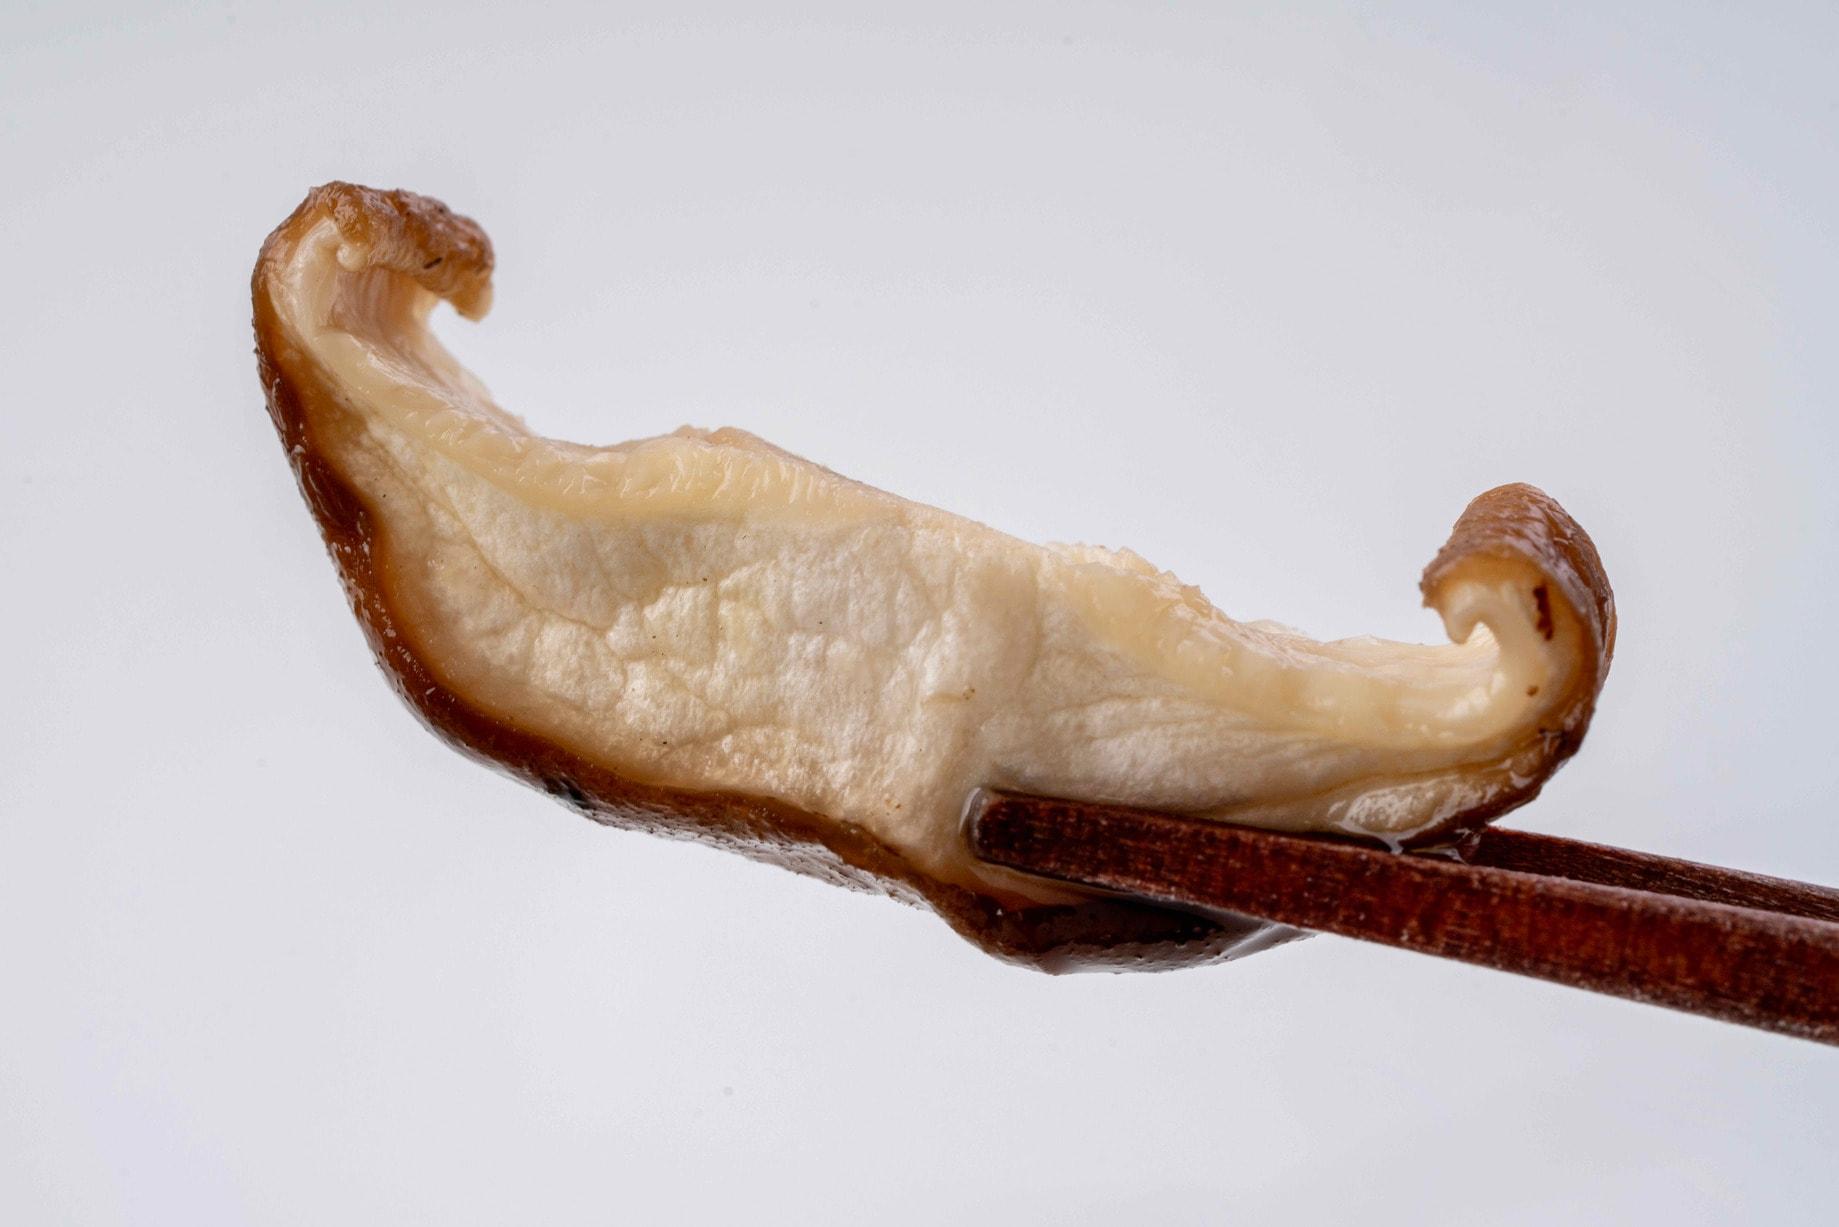 水で戻してふっくらとした北海道産の乾燥原木椎茸スライス